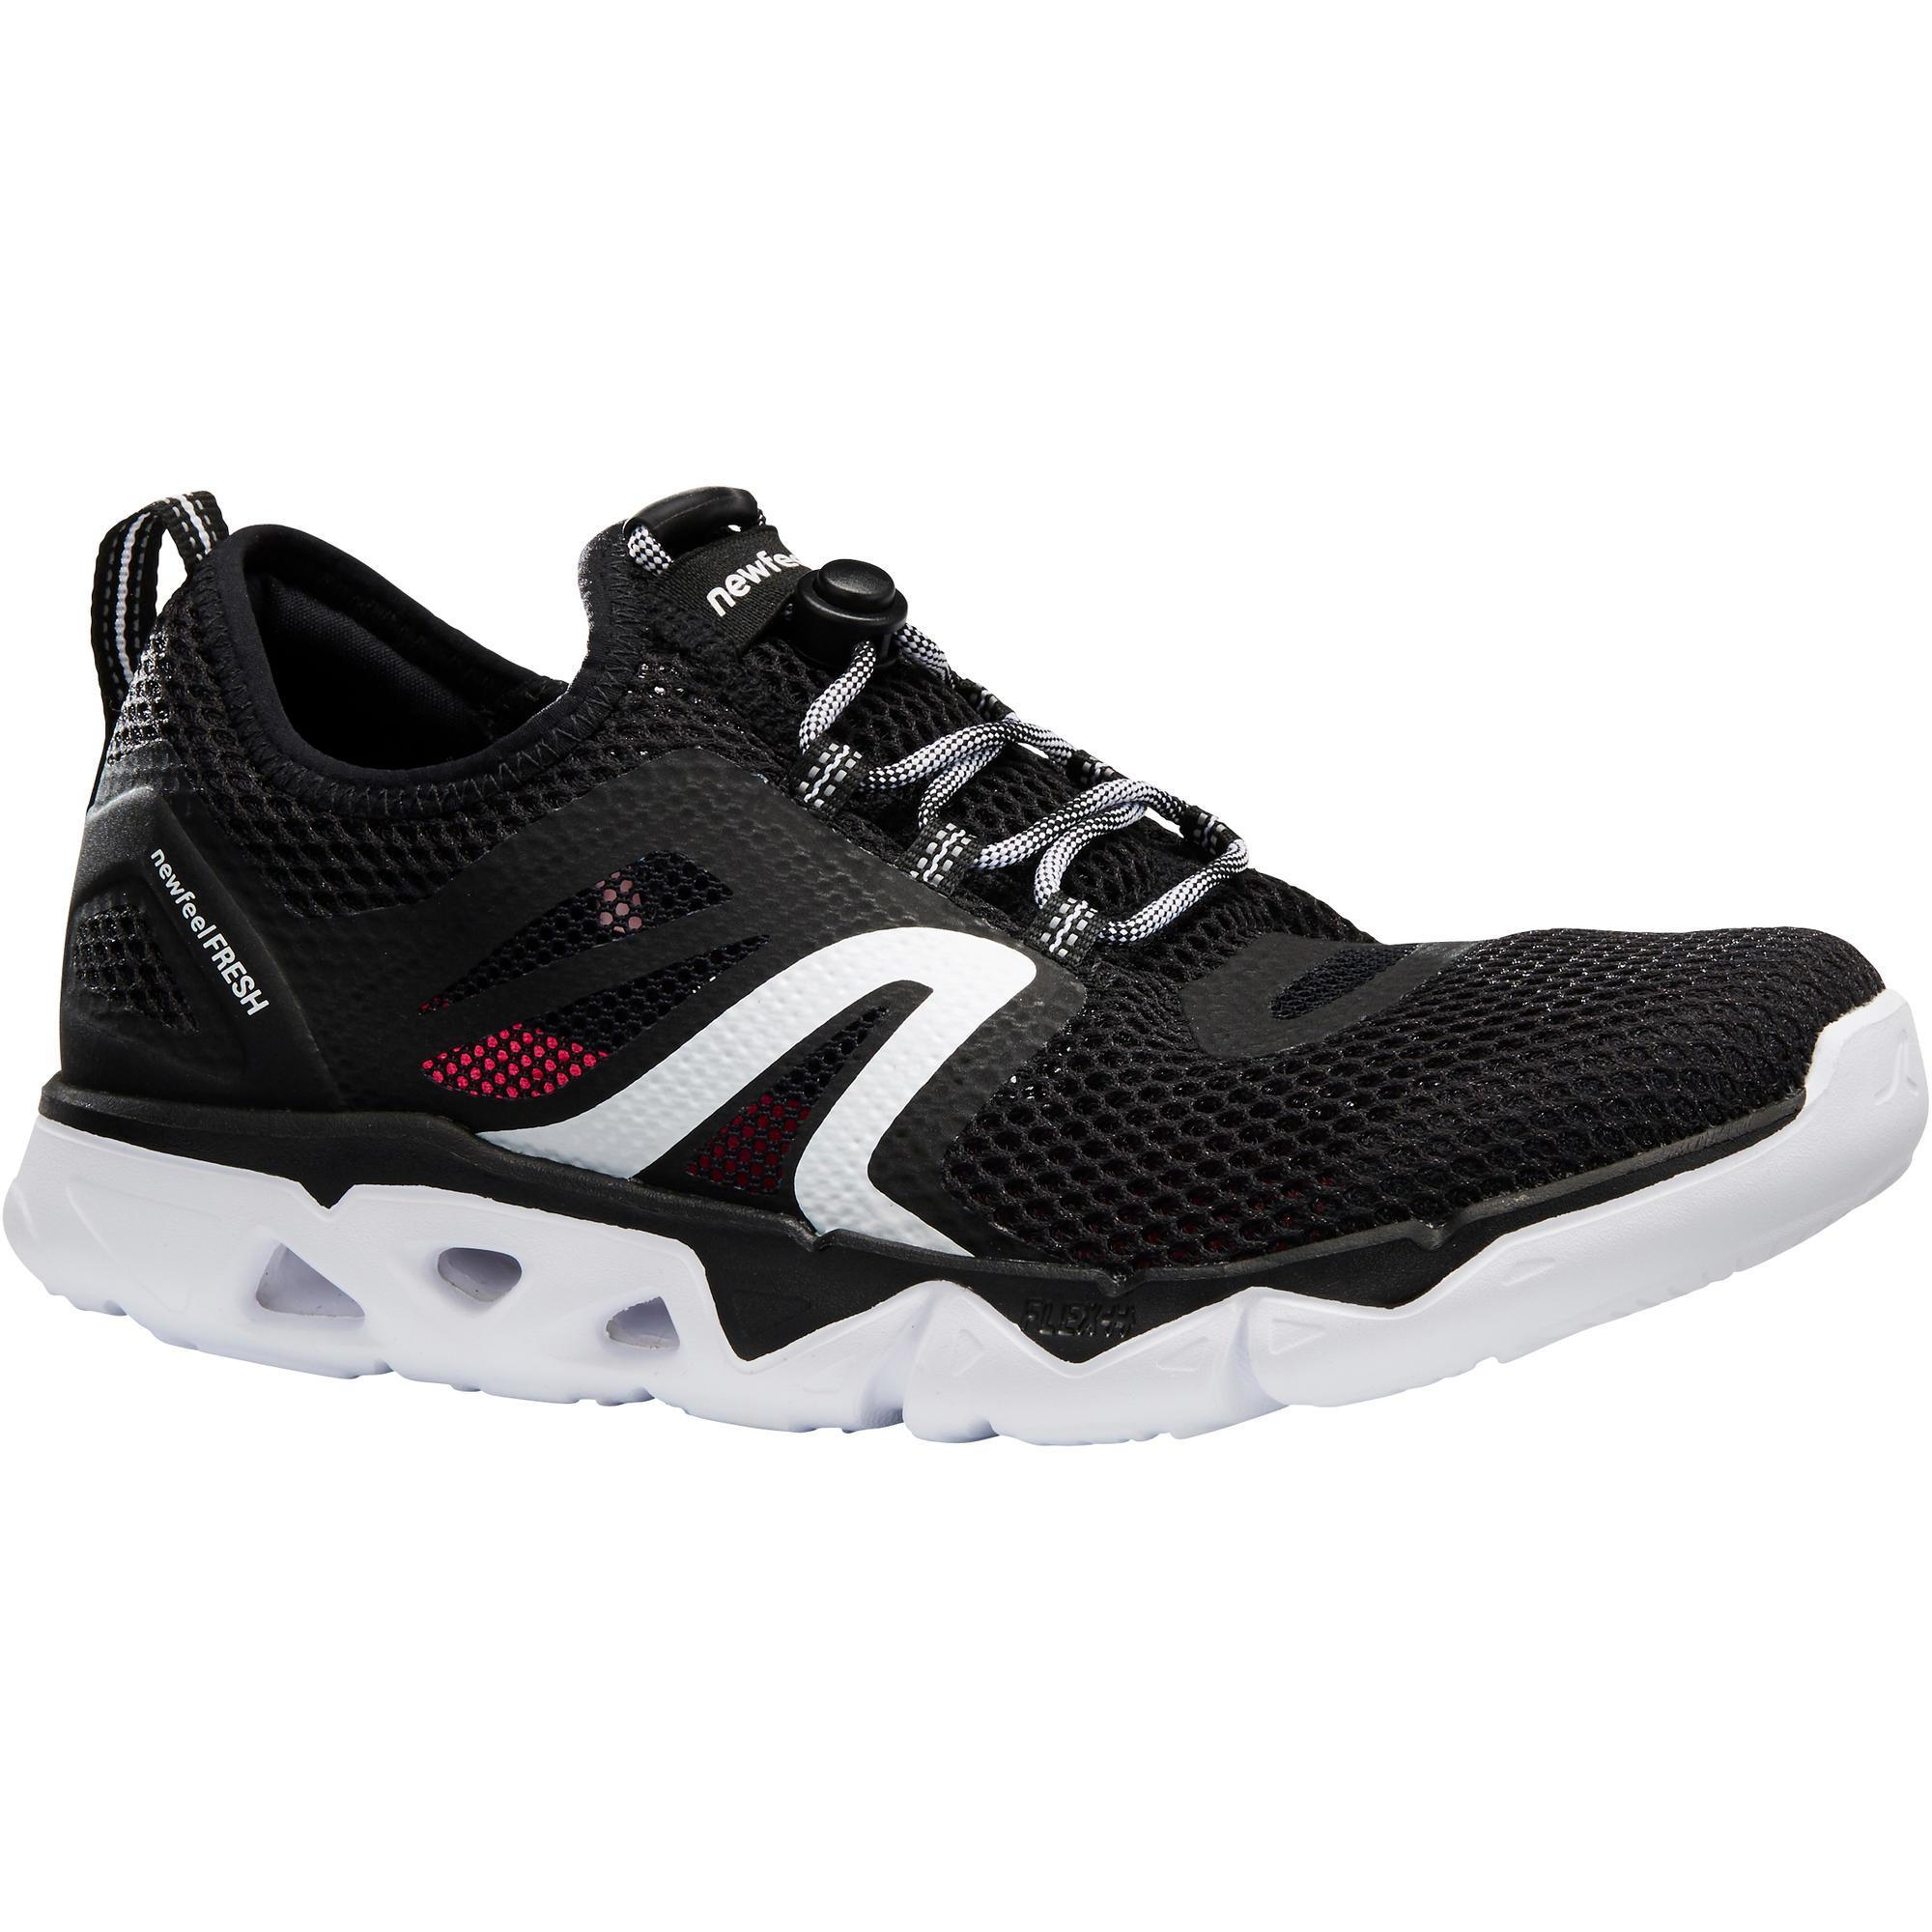 Newfeel Damessneakers voor sportief wandelen PW 500 Fresh